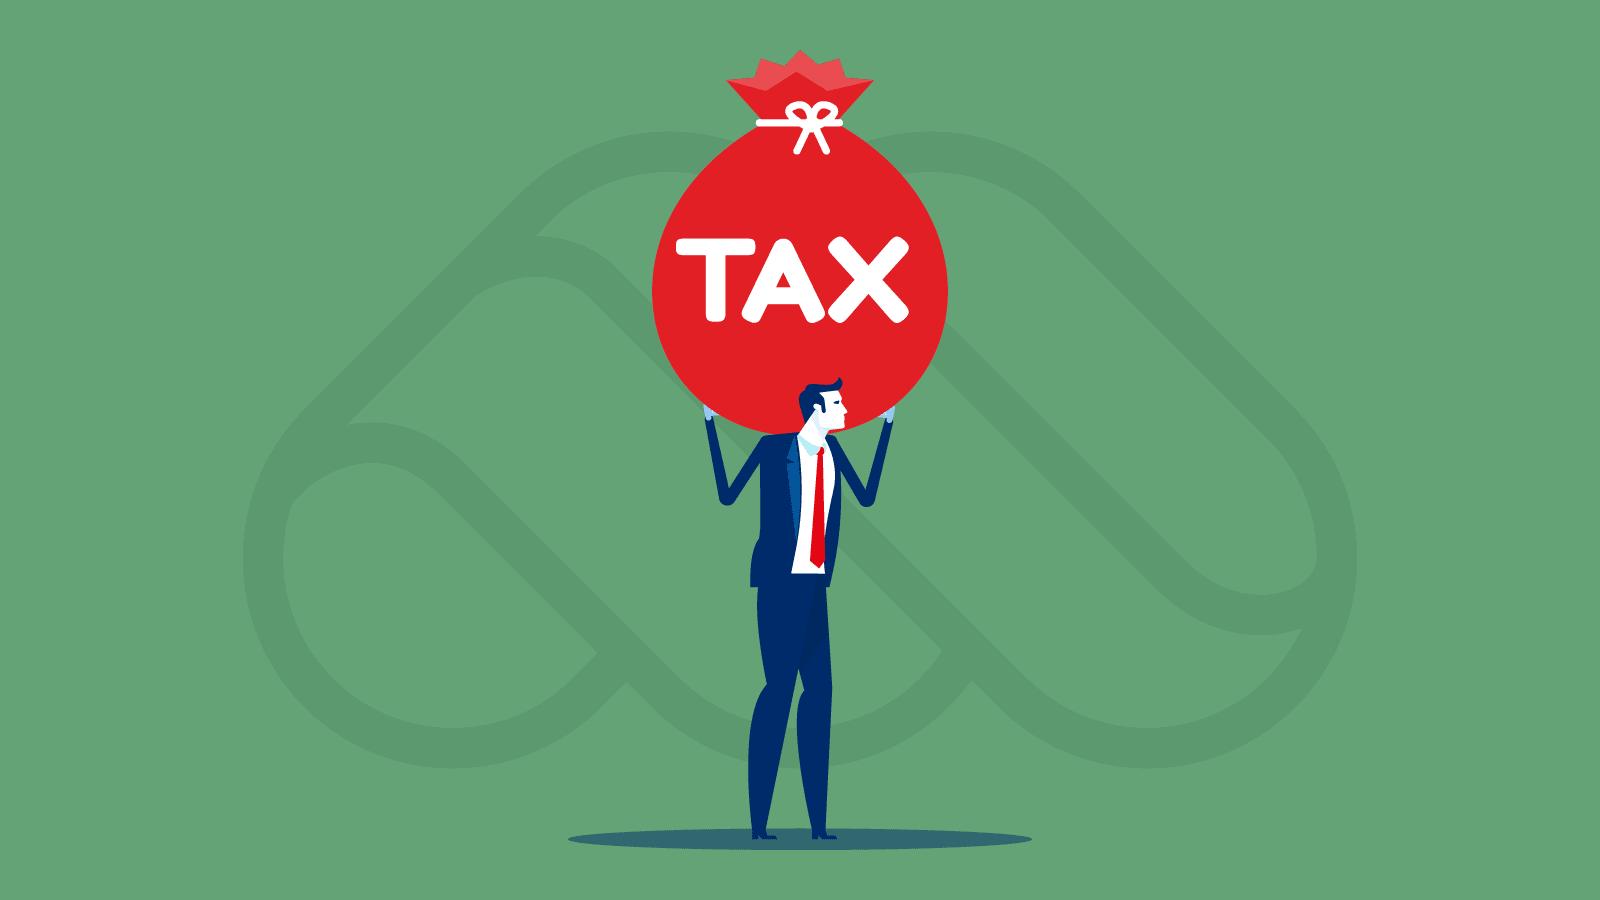 Care Tax Hikes Expat Landlord Tax Bills